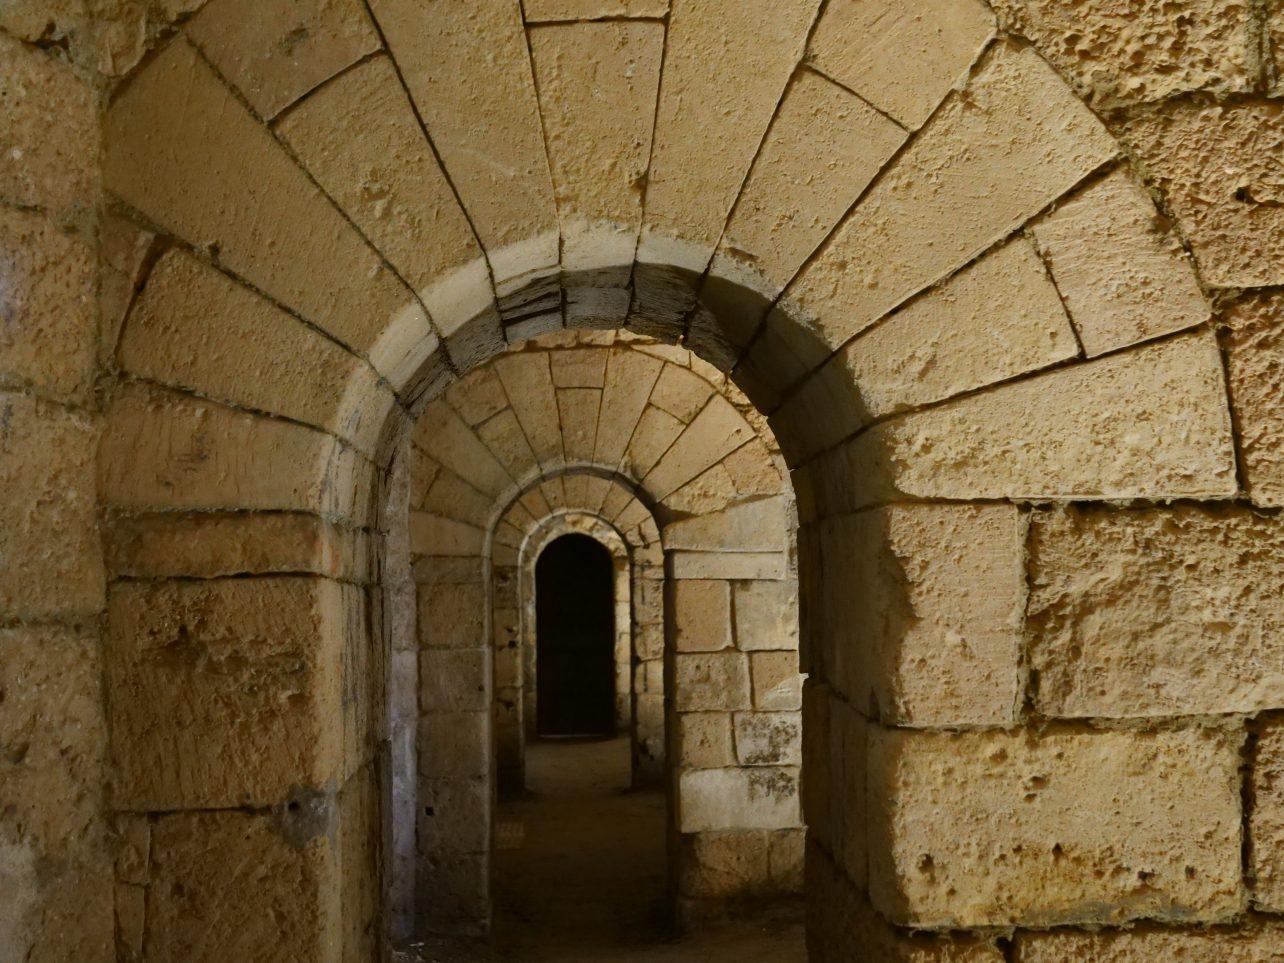 Dans les souterrains d'une ville médiévale